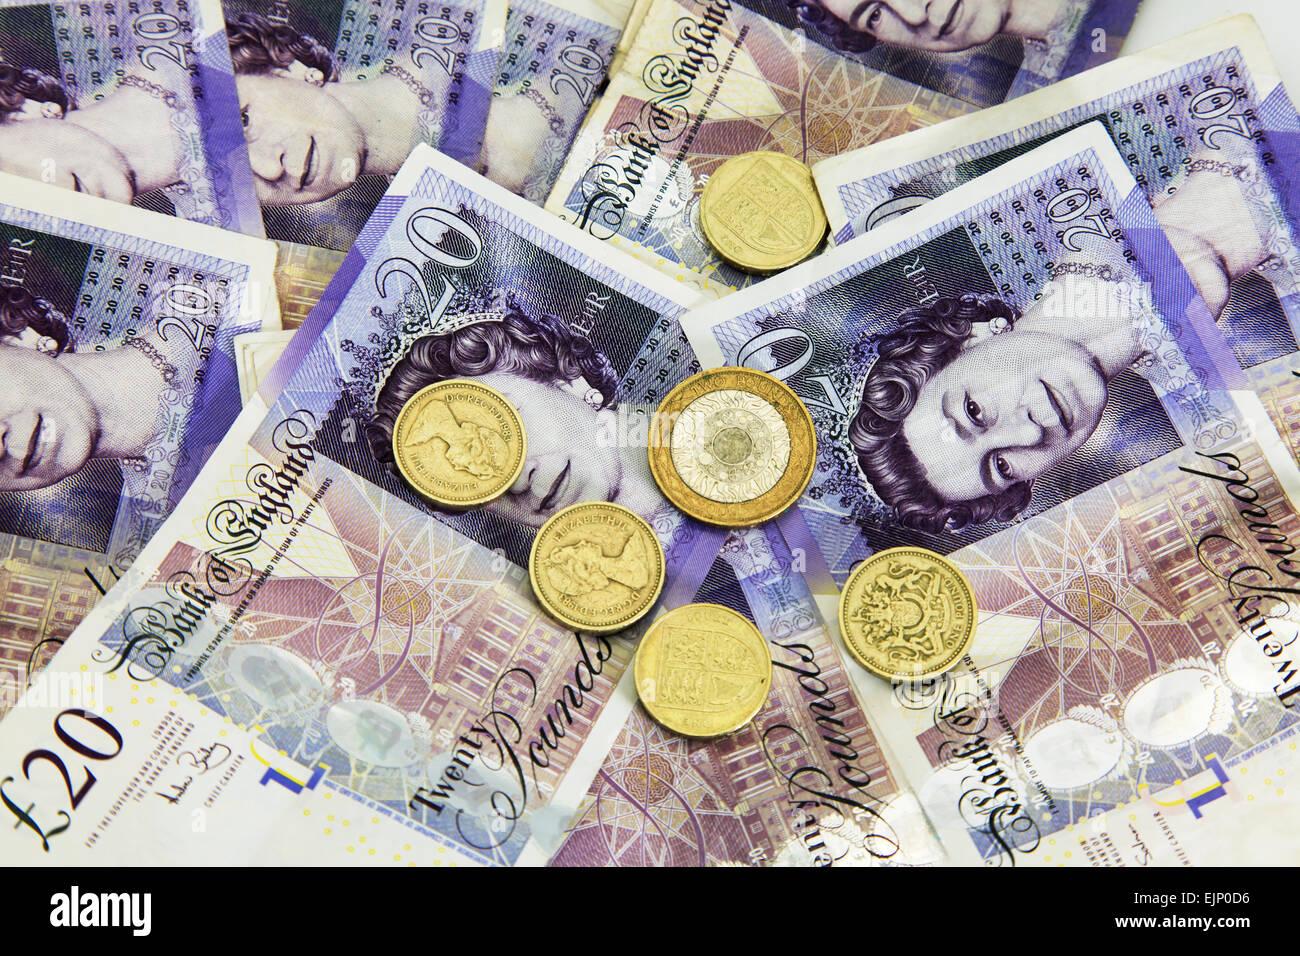 Denaro banconote del regno unito i fondi di cassa del debito di denaro fallito fallimento monete valuta intaglio Immagini Stock